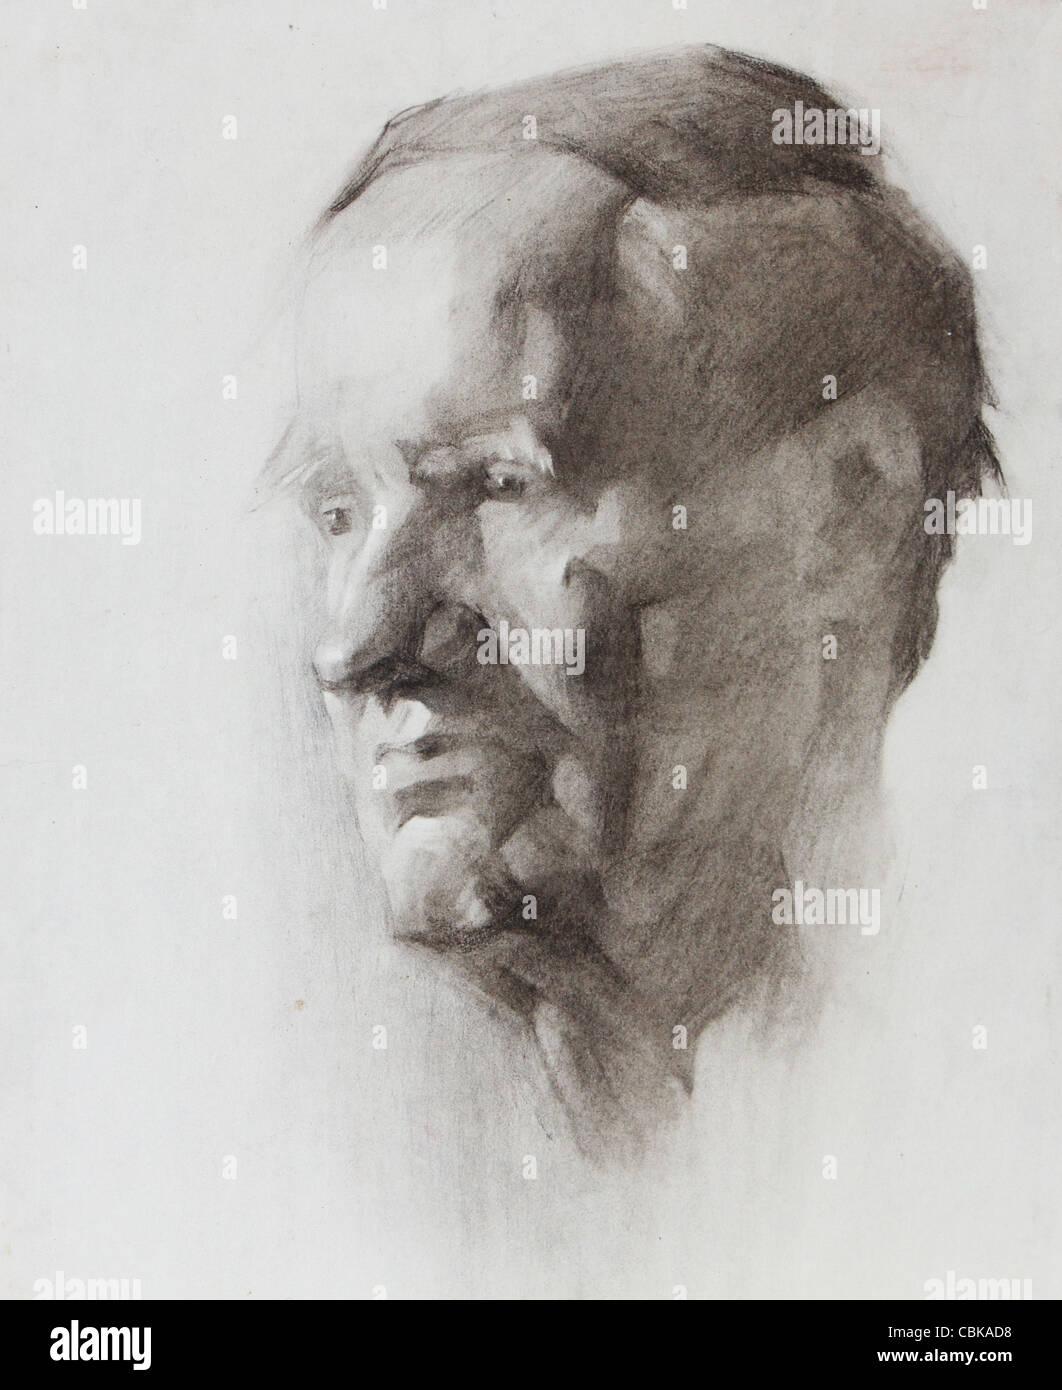 Gráfico retrato de un hombre viejo pintado con lápiz Imagen De Stock